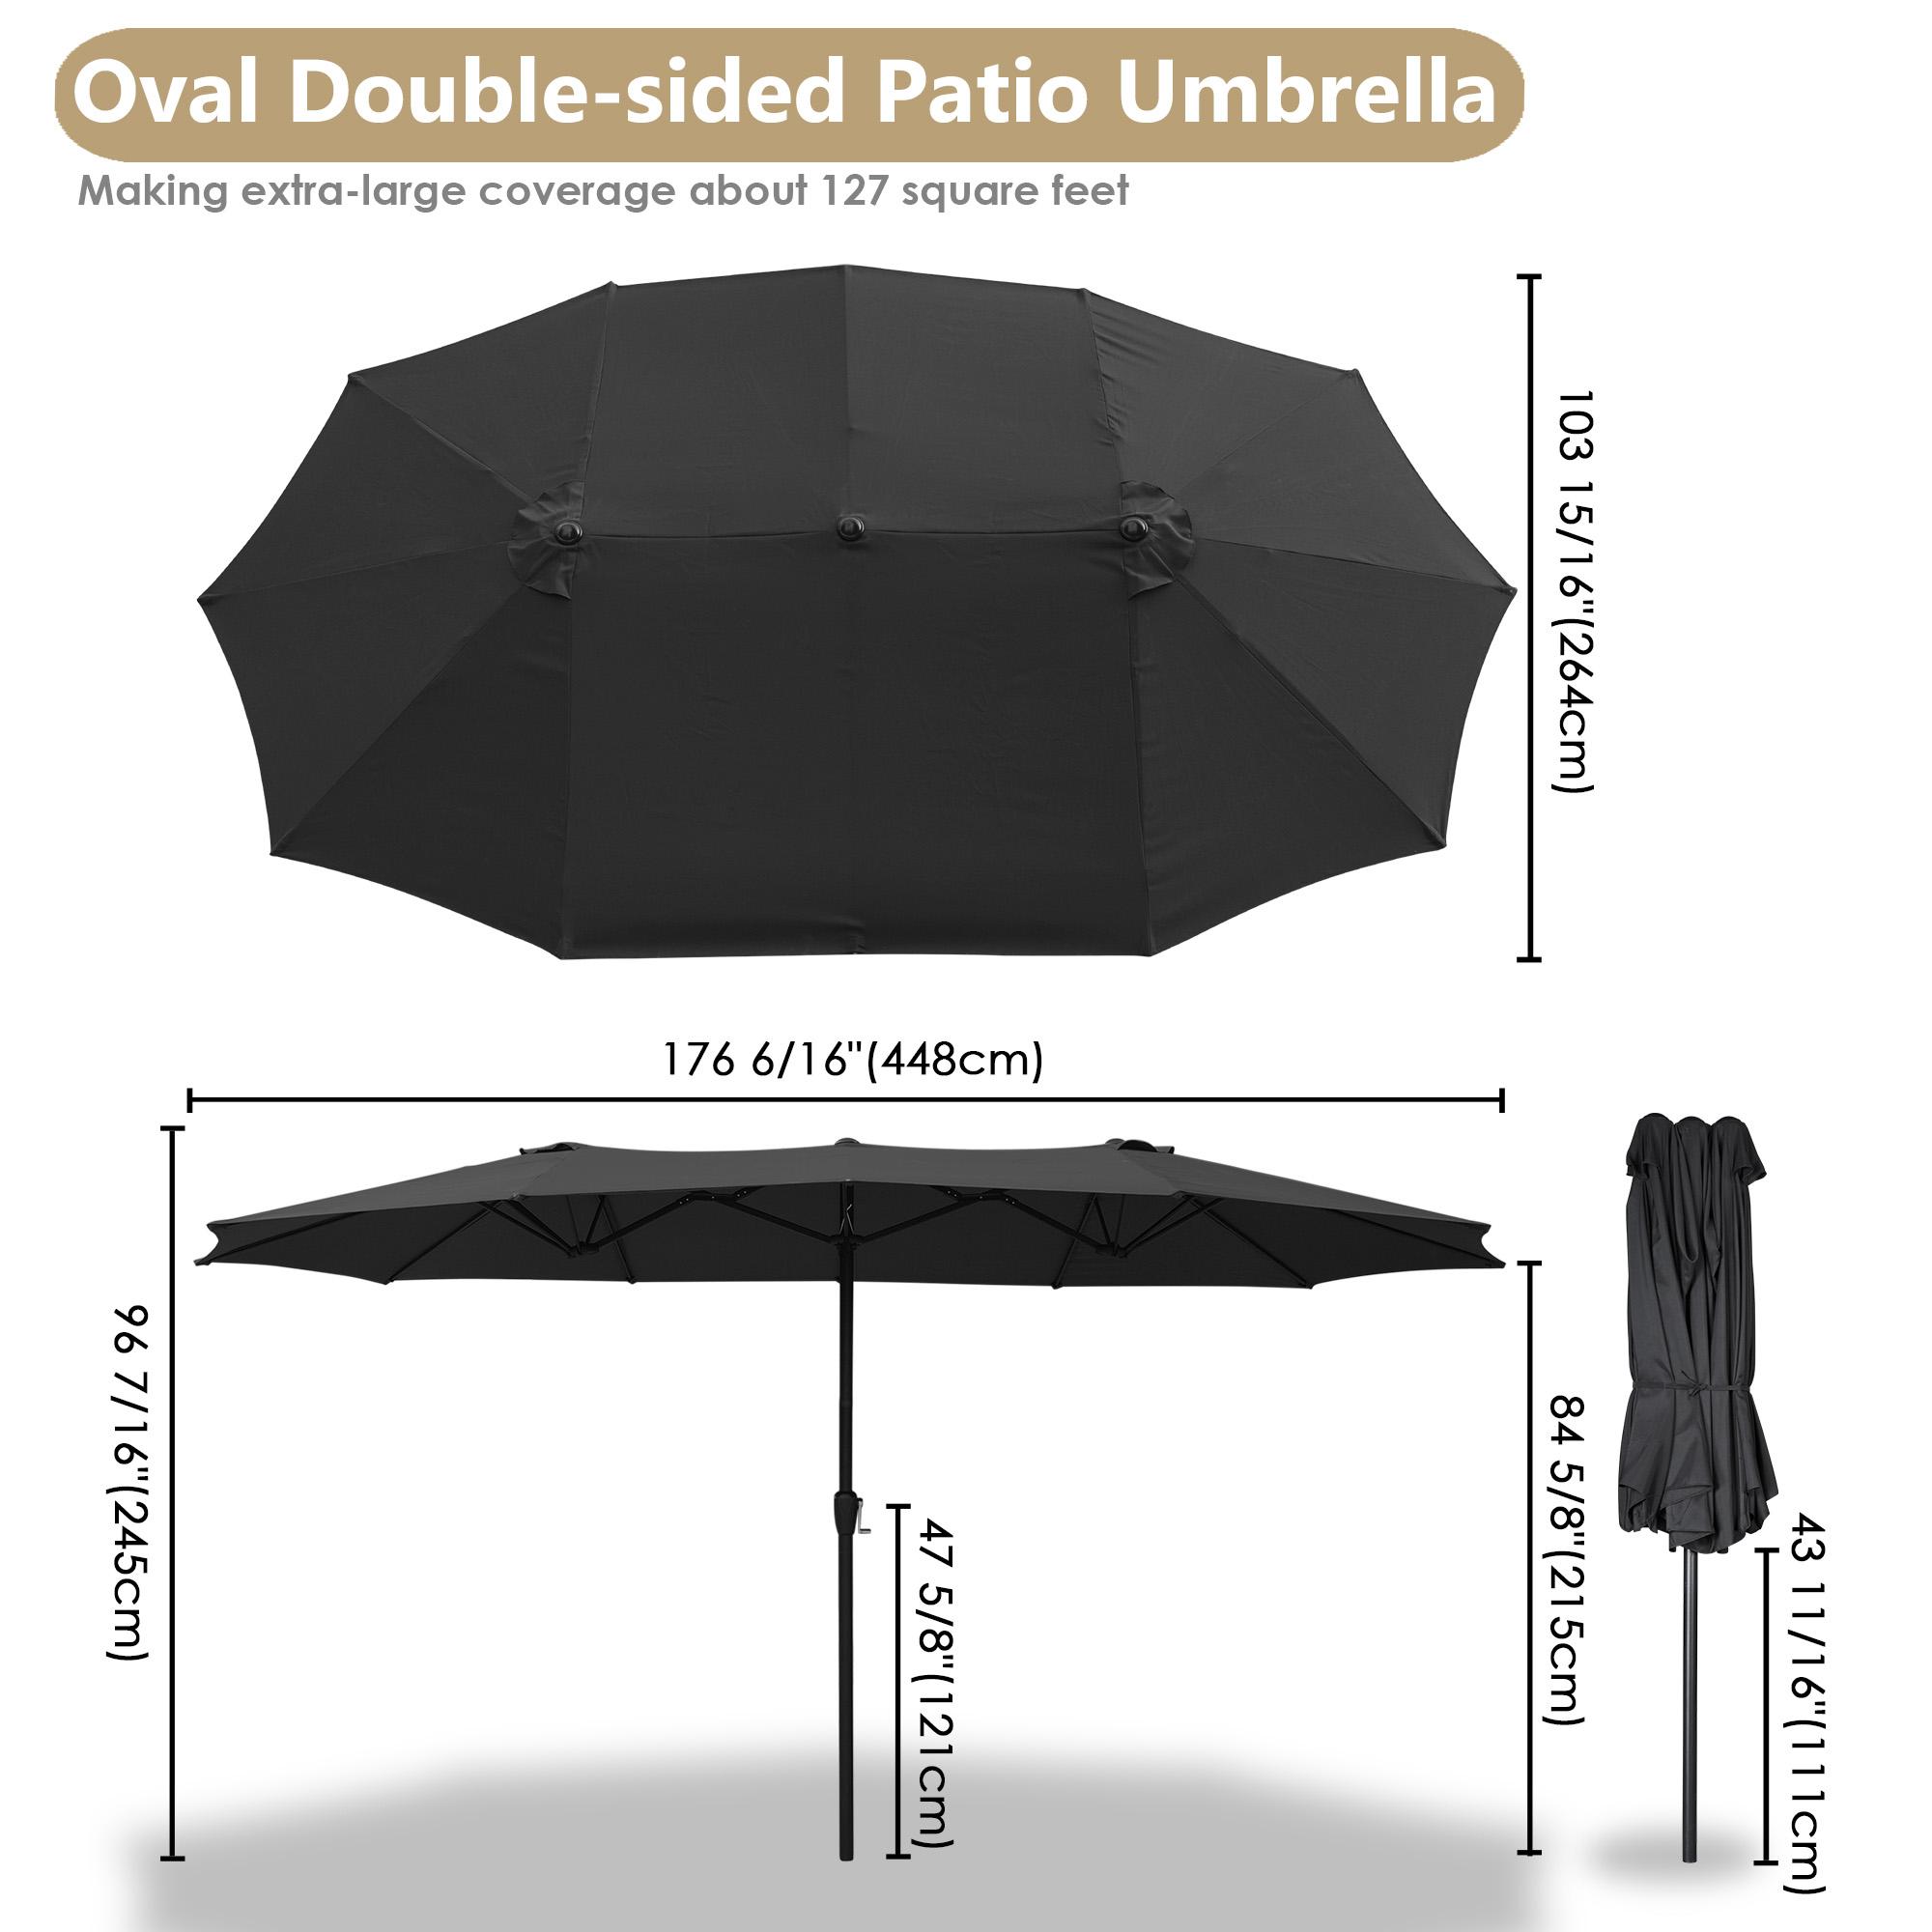 thumbnail 18 - 15ft Patio Twin Umbrella Double-sided Market Crank Outdoor Garden Parasol Shade